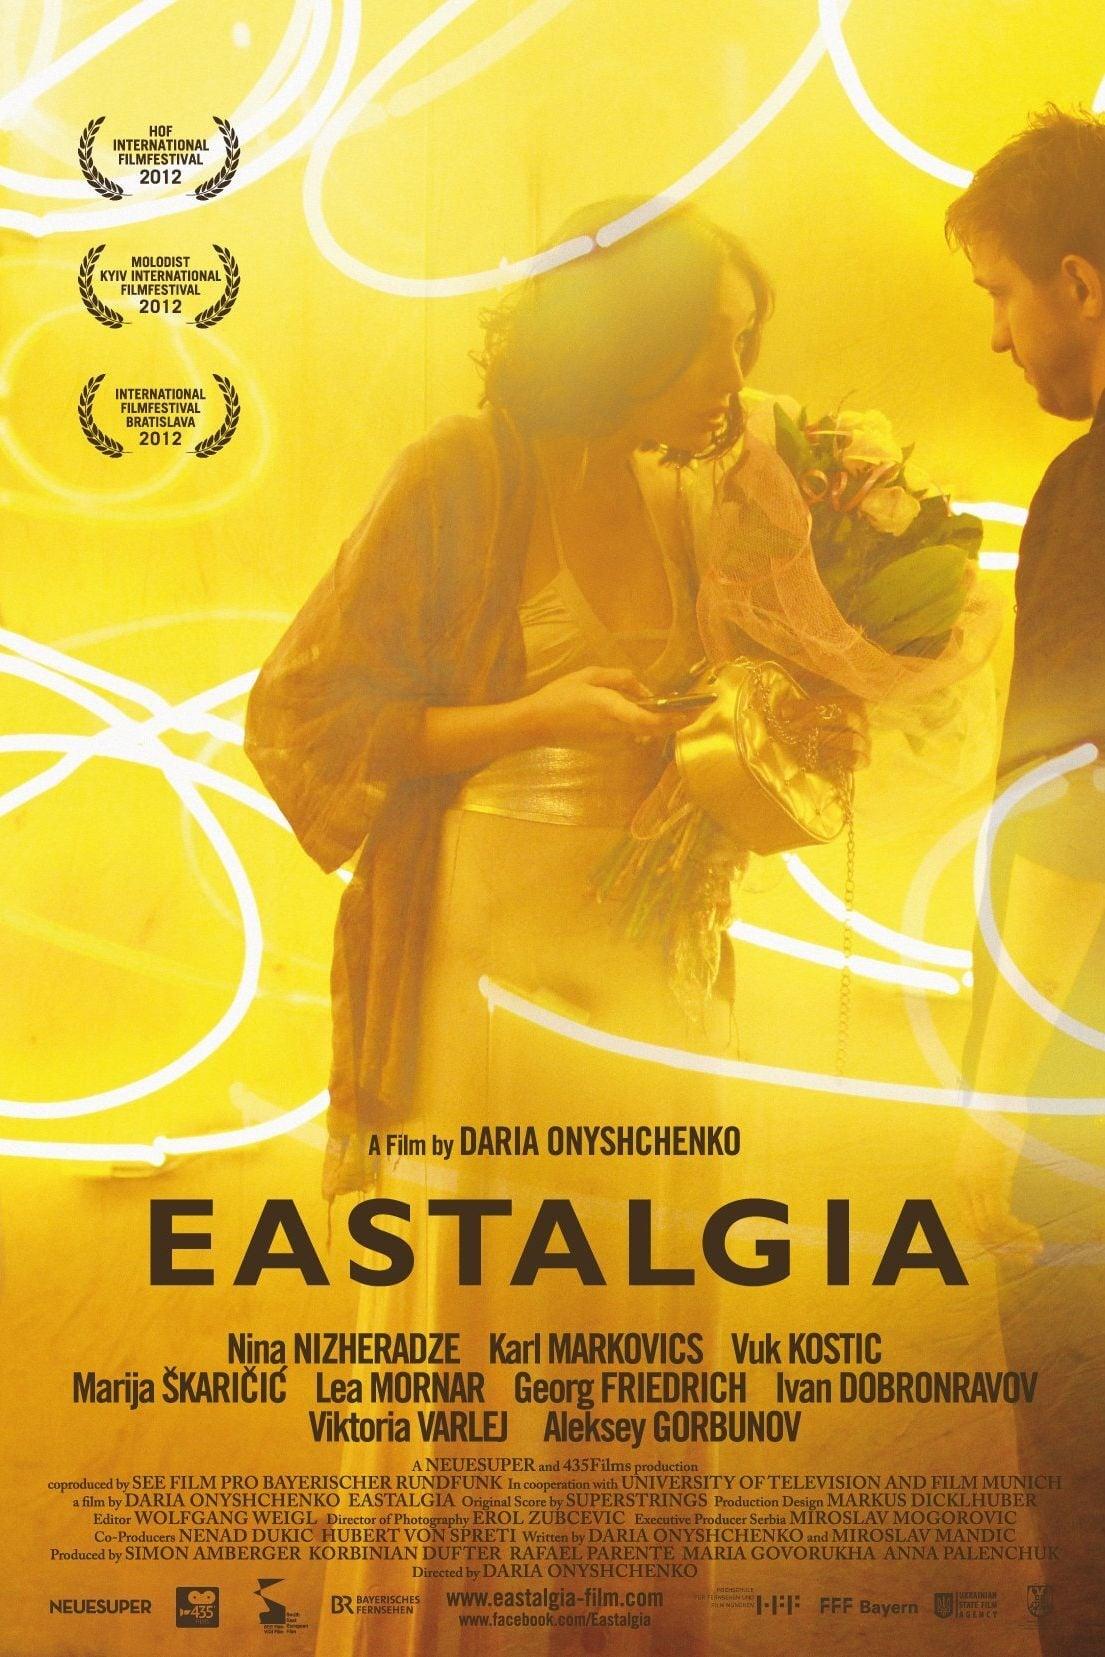 Eastalgia